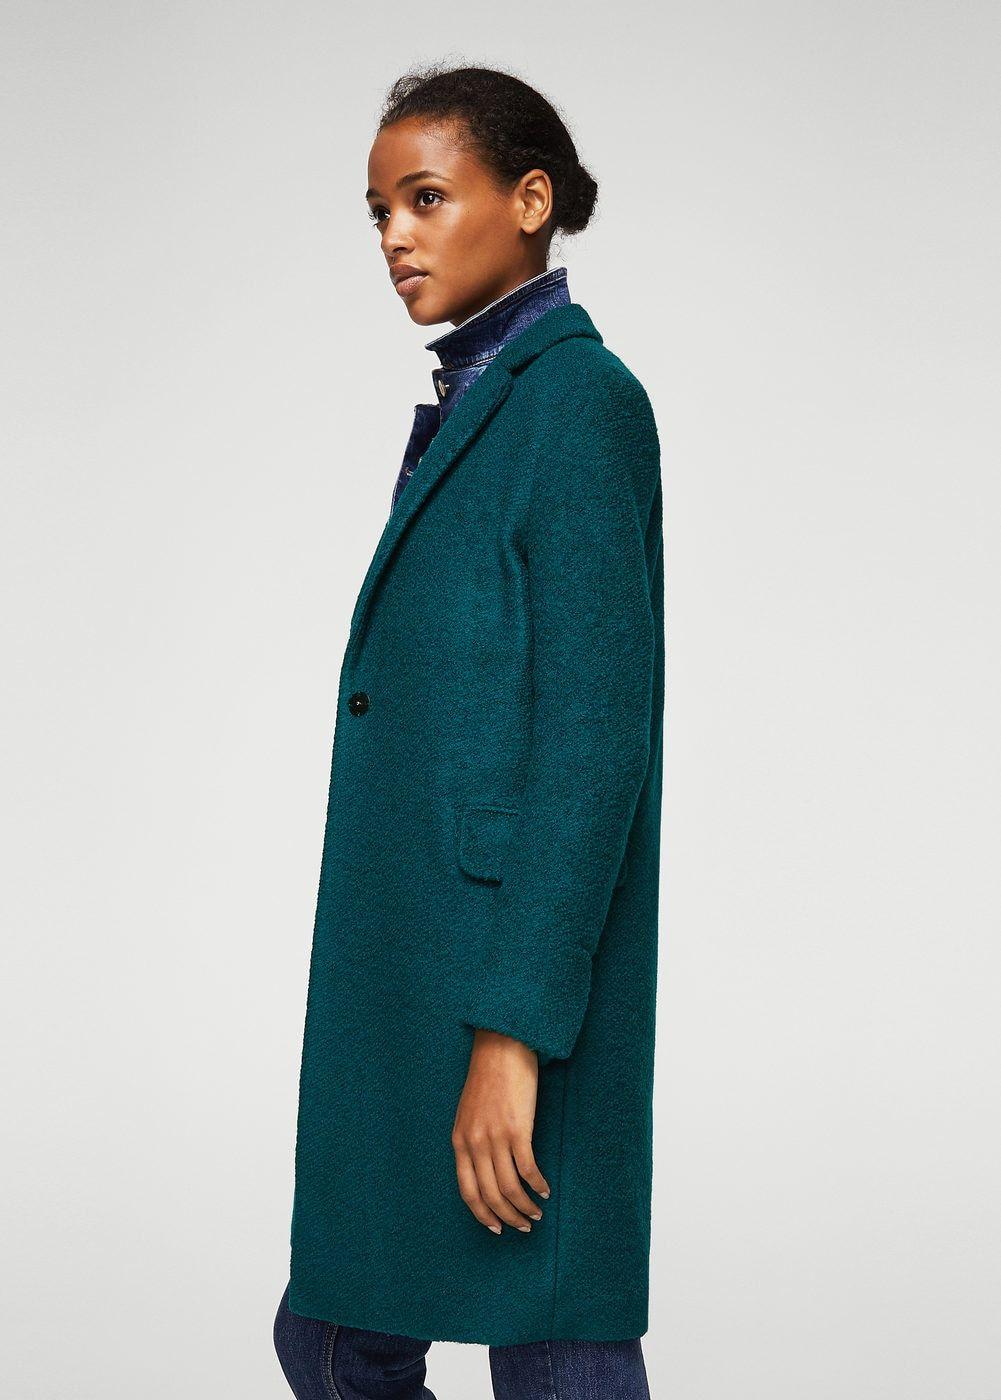 Vêtements Structuré Femme En Lana Abrigos Manteau Et Laine wE7IqxF